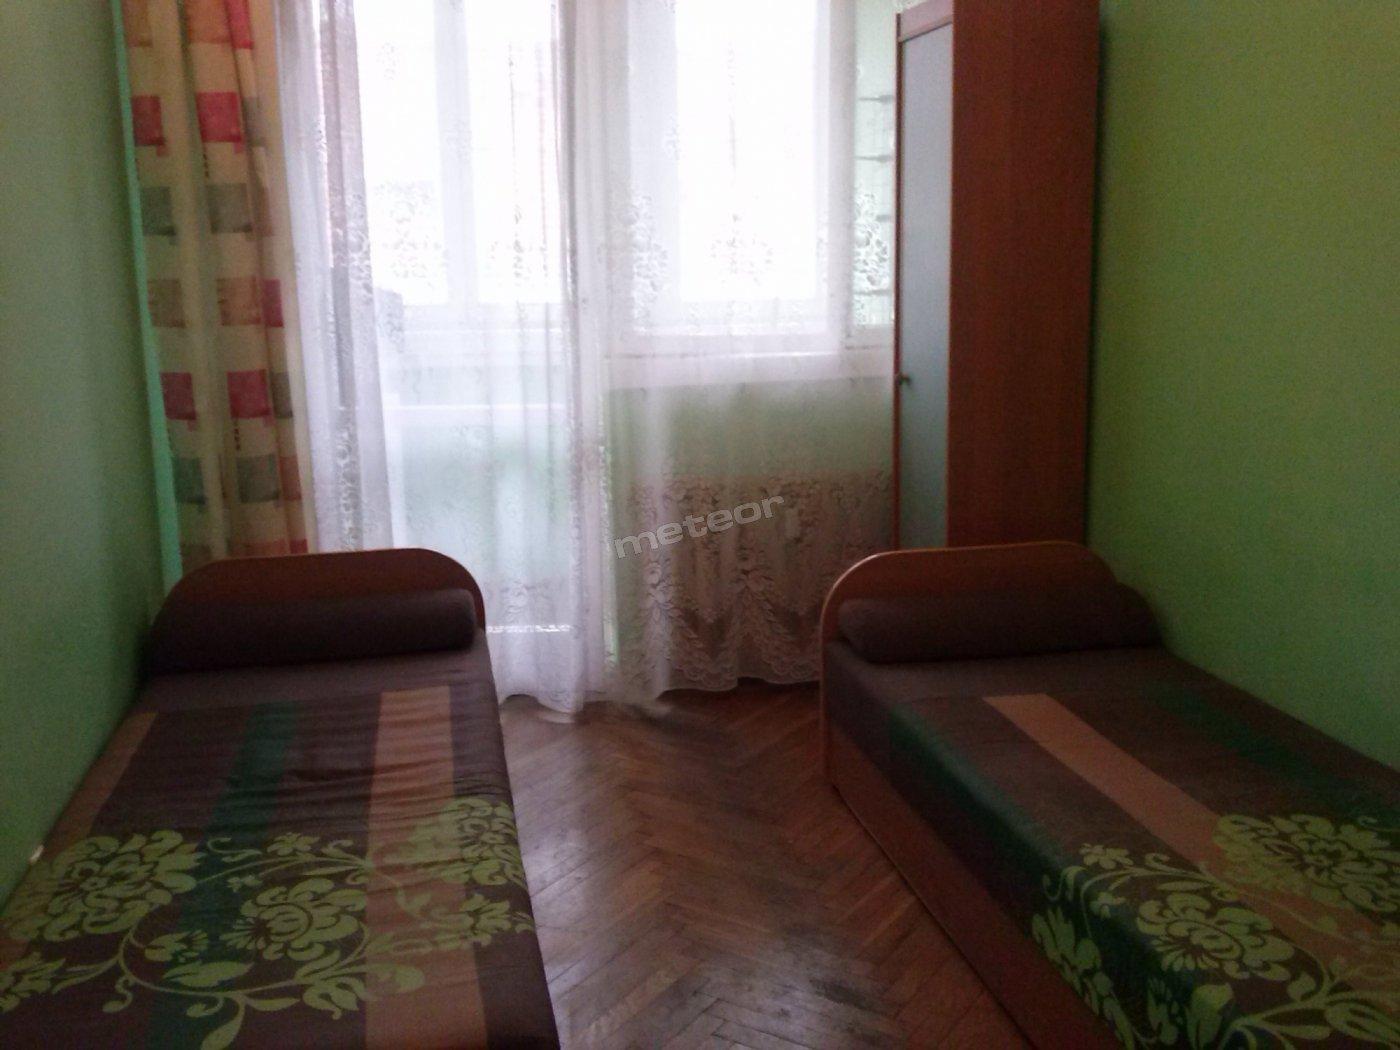 Pokój mały 2 osobowy. Posiada balkon, 2 łóżka oraz meble.